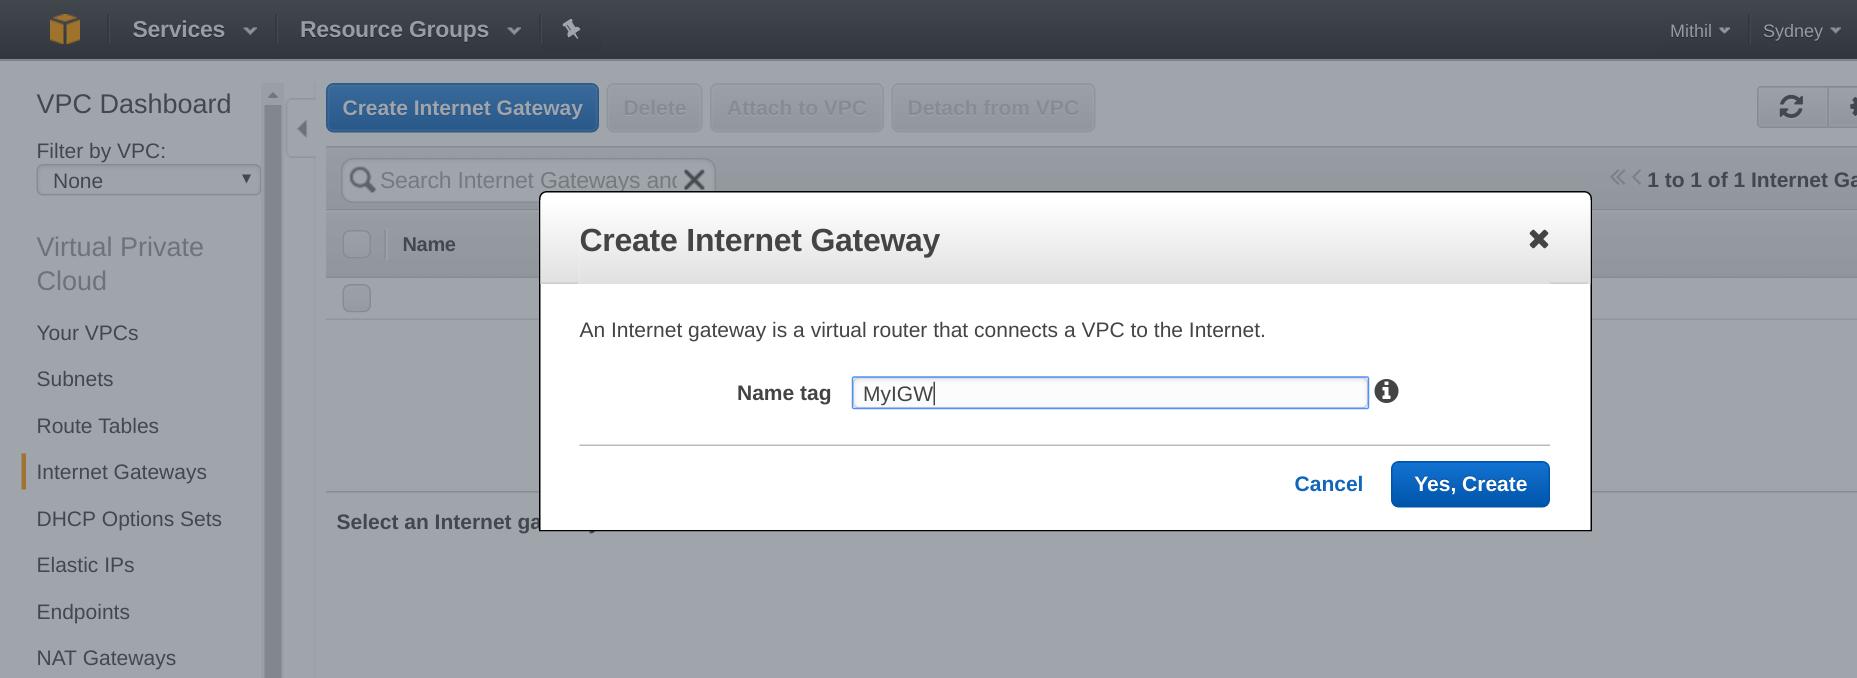 AWS Intenet Gateway